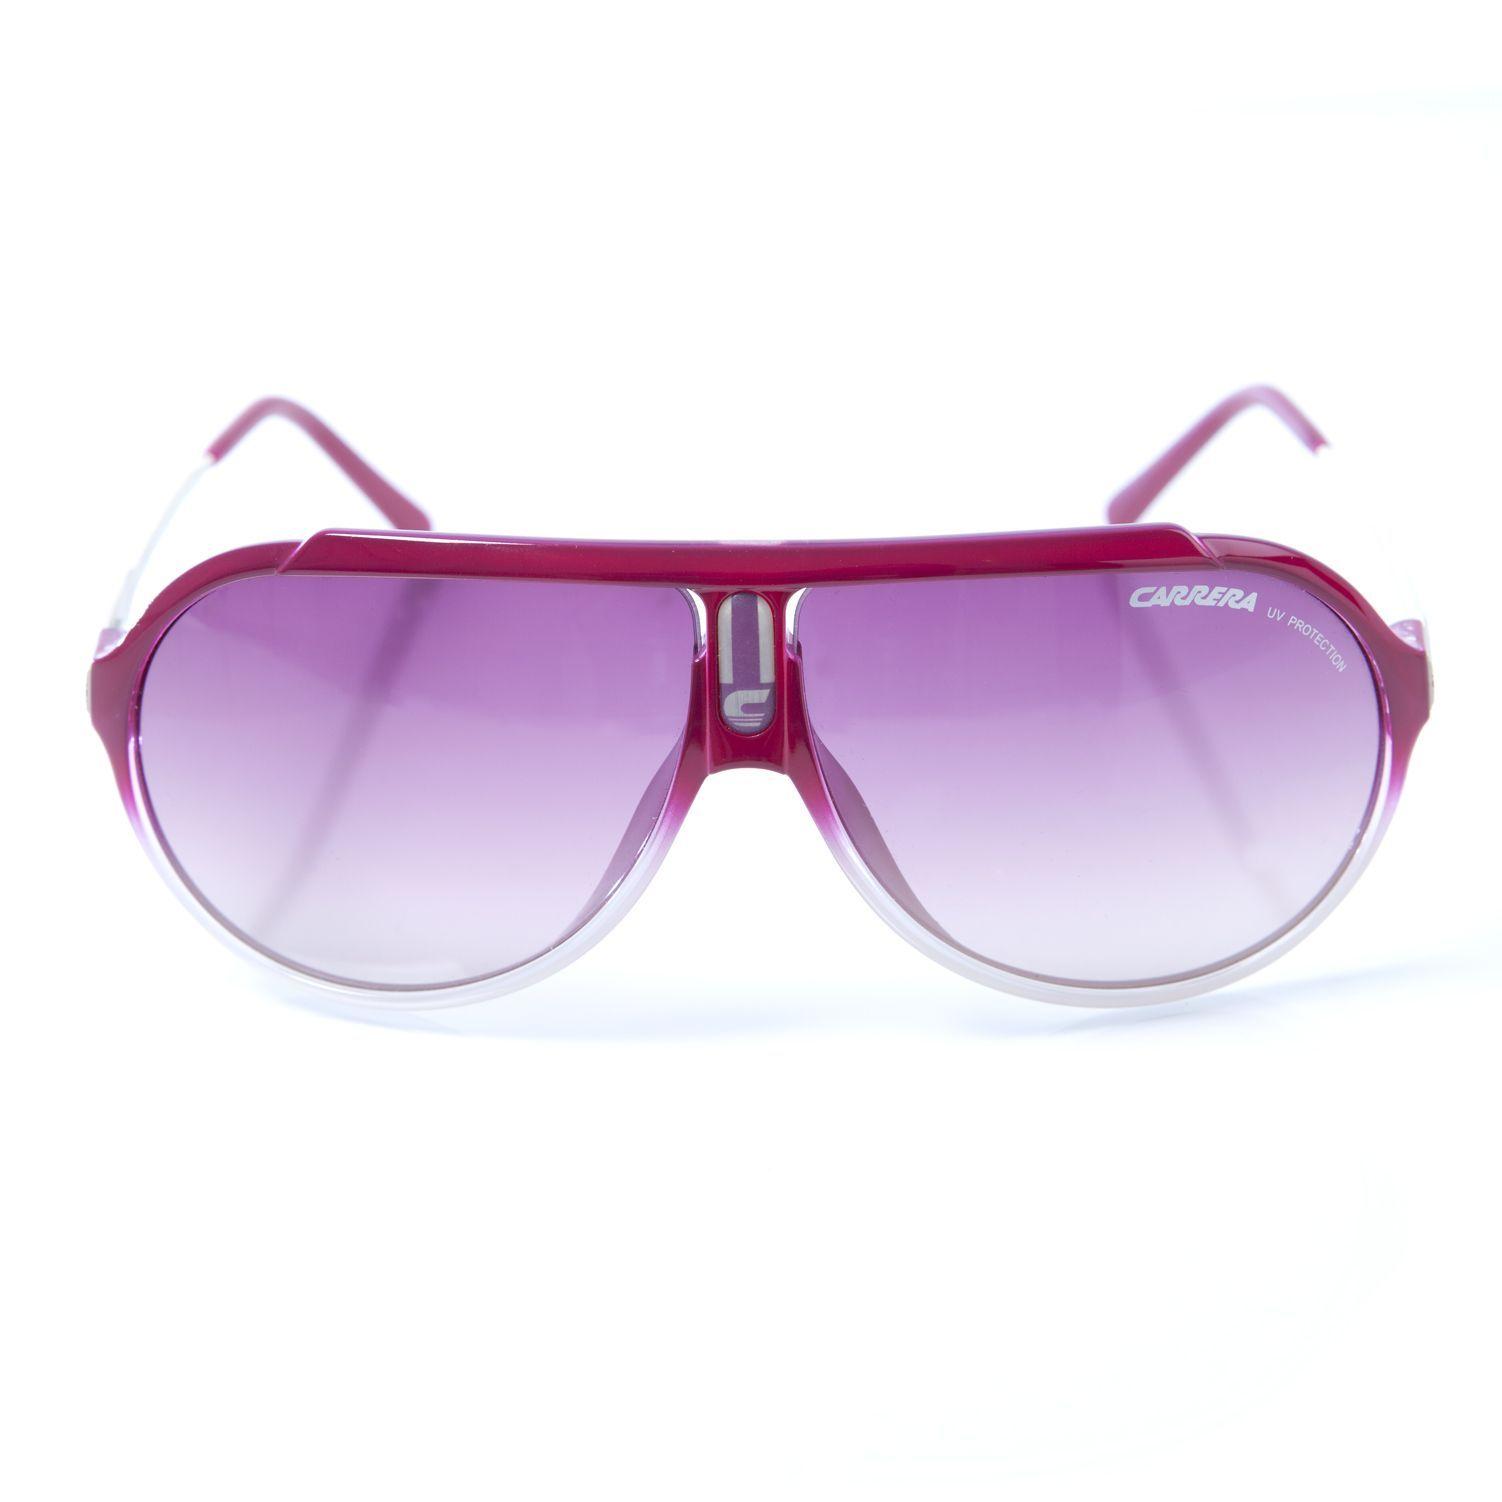 422bb3da0c Gafas de Sol Carrera Endurance/t, ¡pruébalas! | Gafas de sol Juan ...